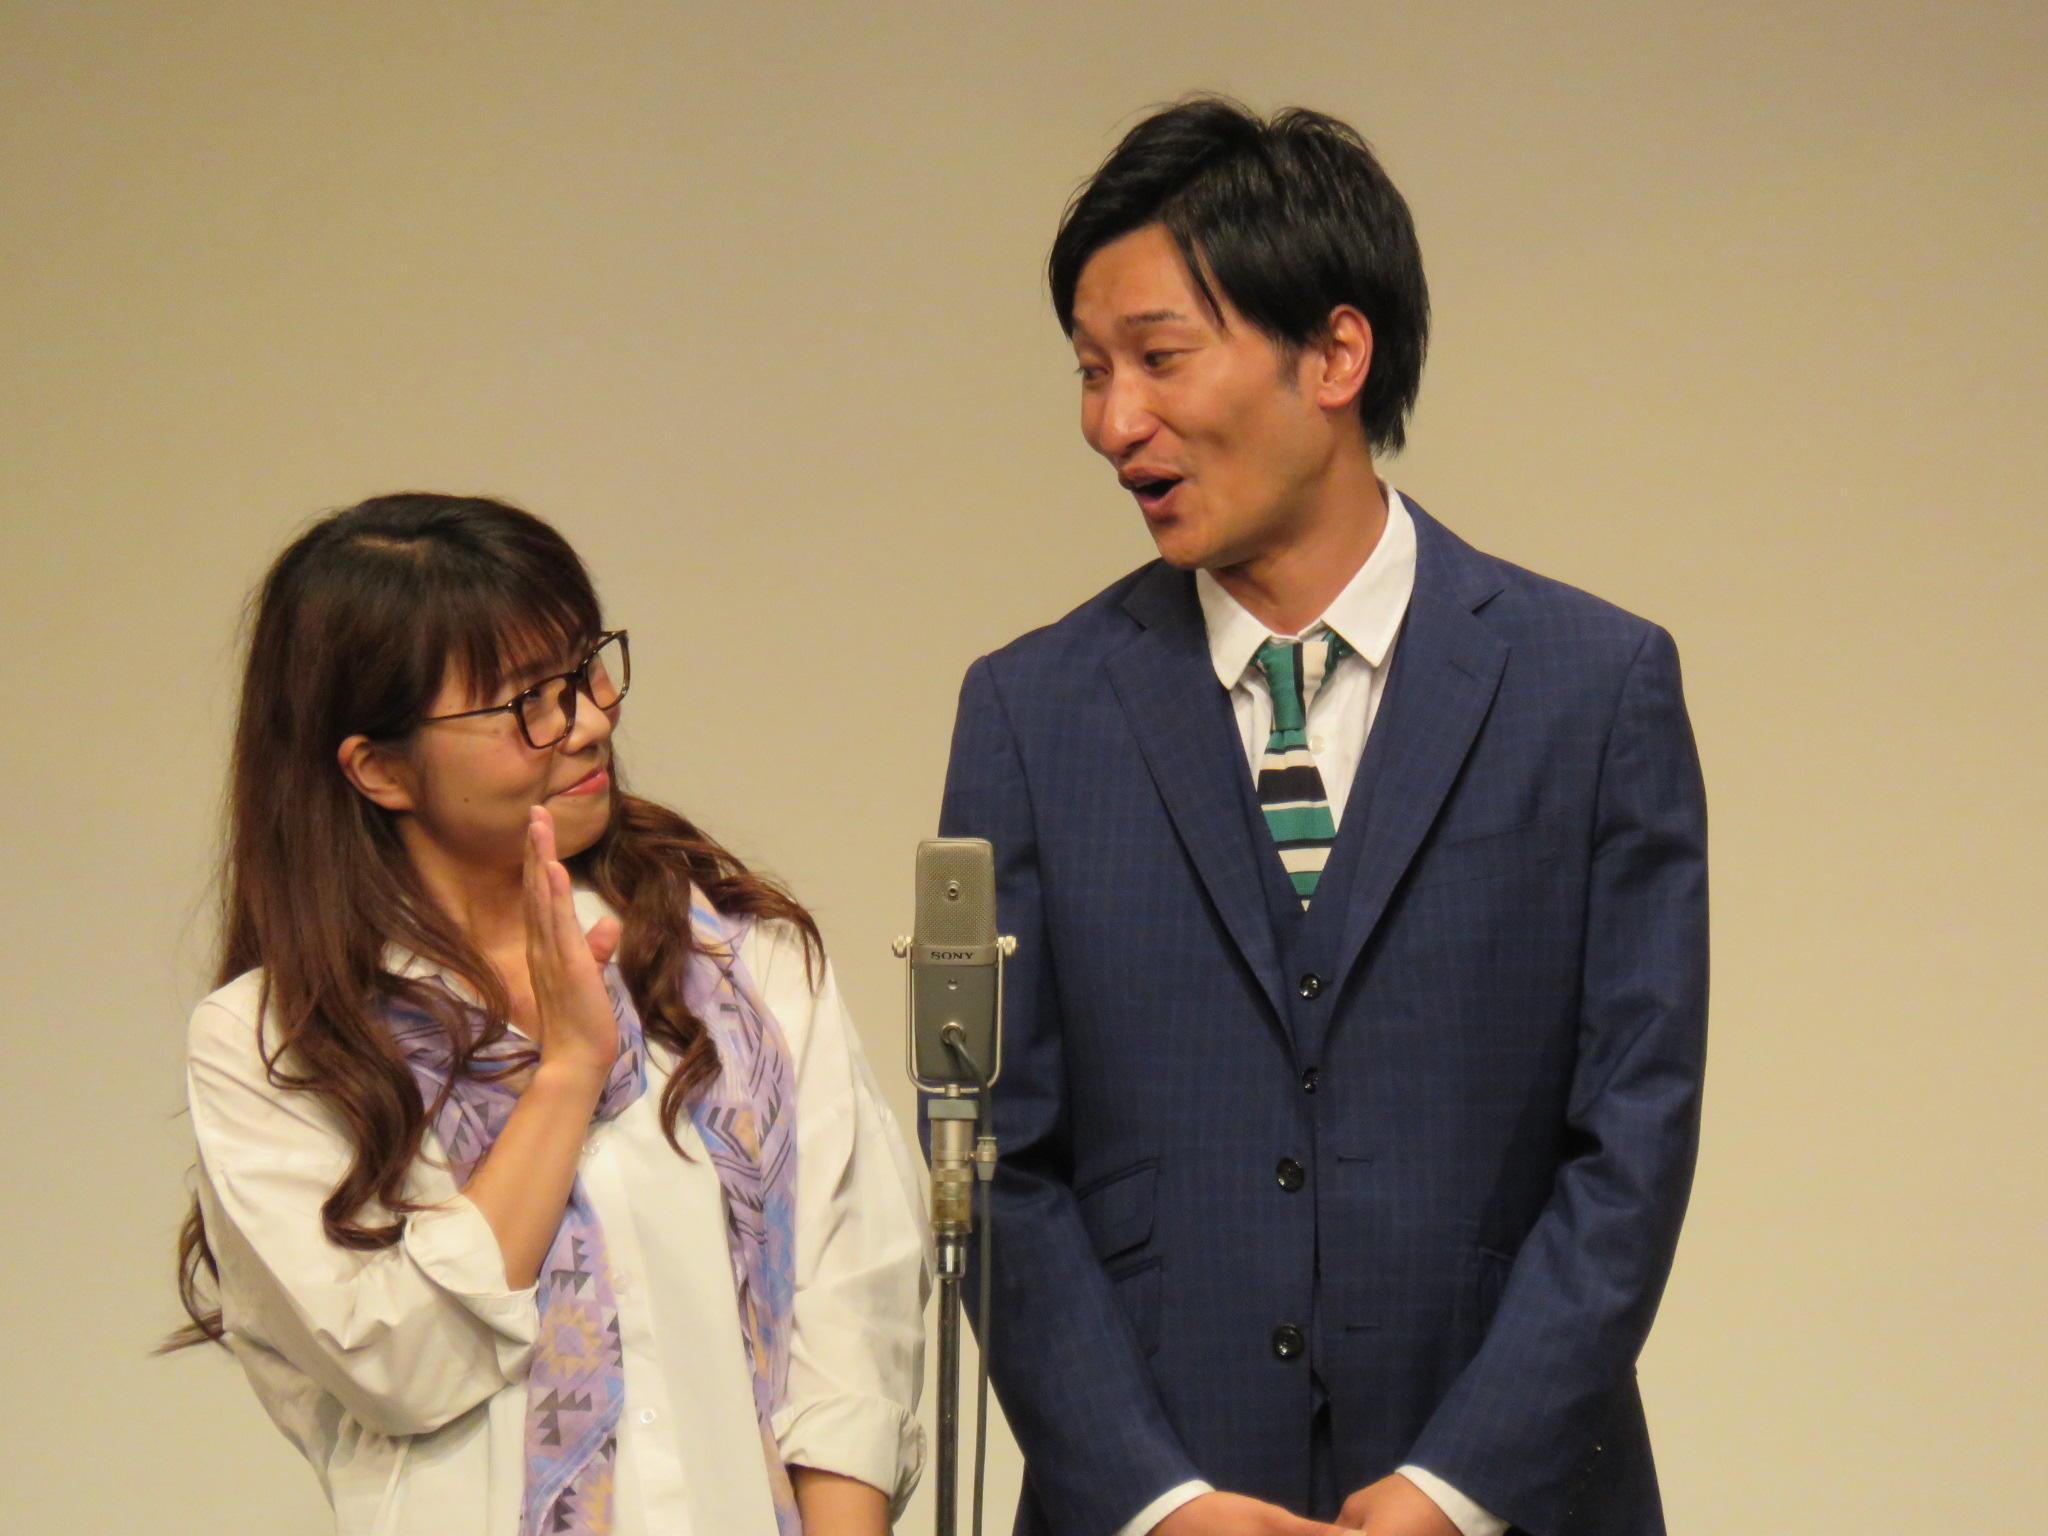 http://news.yoshimoto.co.jp/20170810215353-b76576634c2221ff6286284c84ca04ac56dffc82.jpg